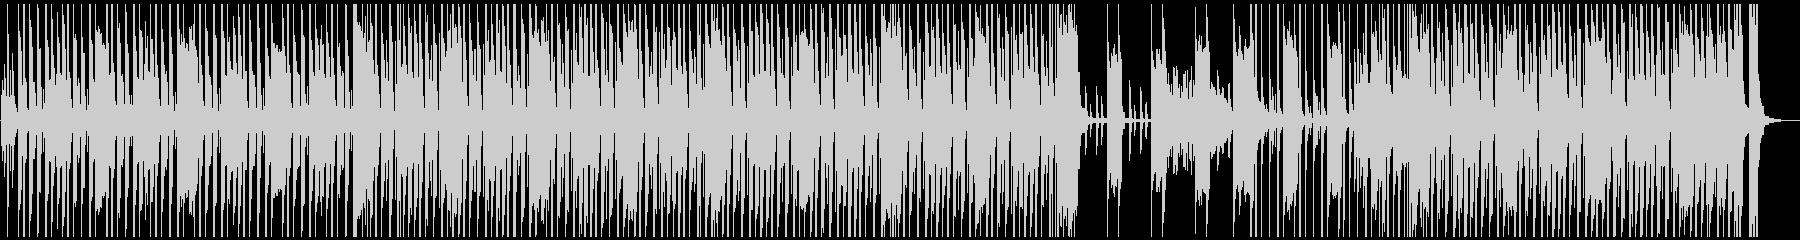 軽快・コミカルなBGMの未再生の波形